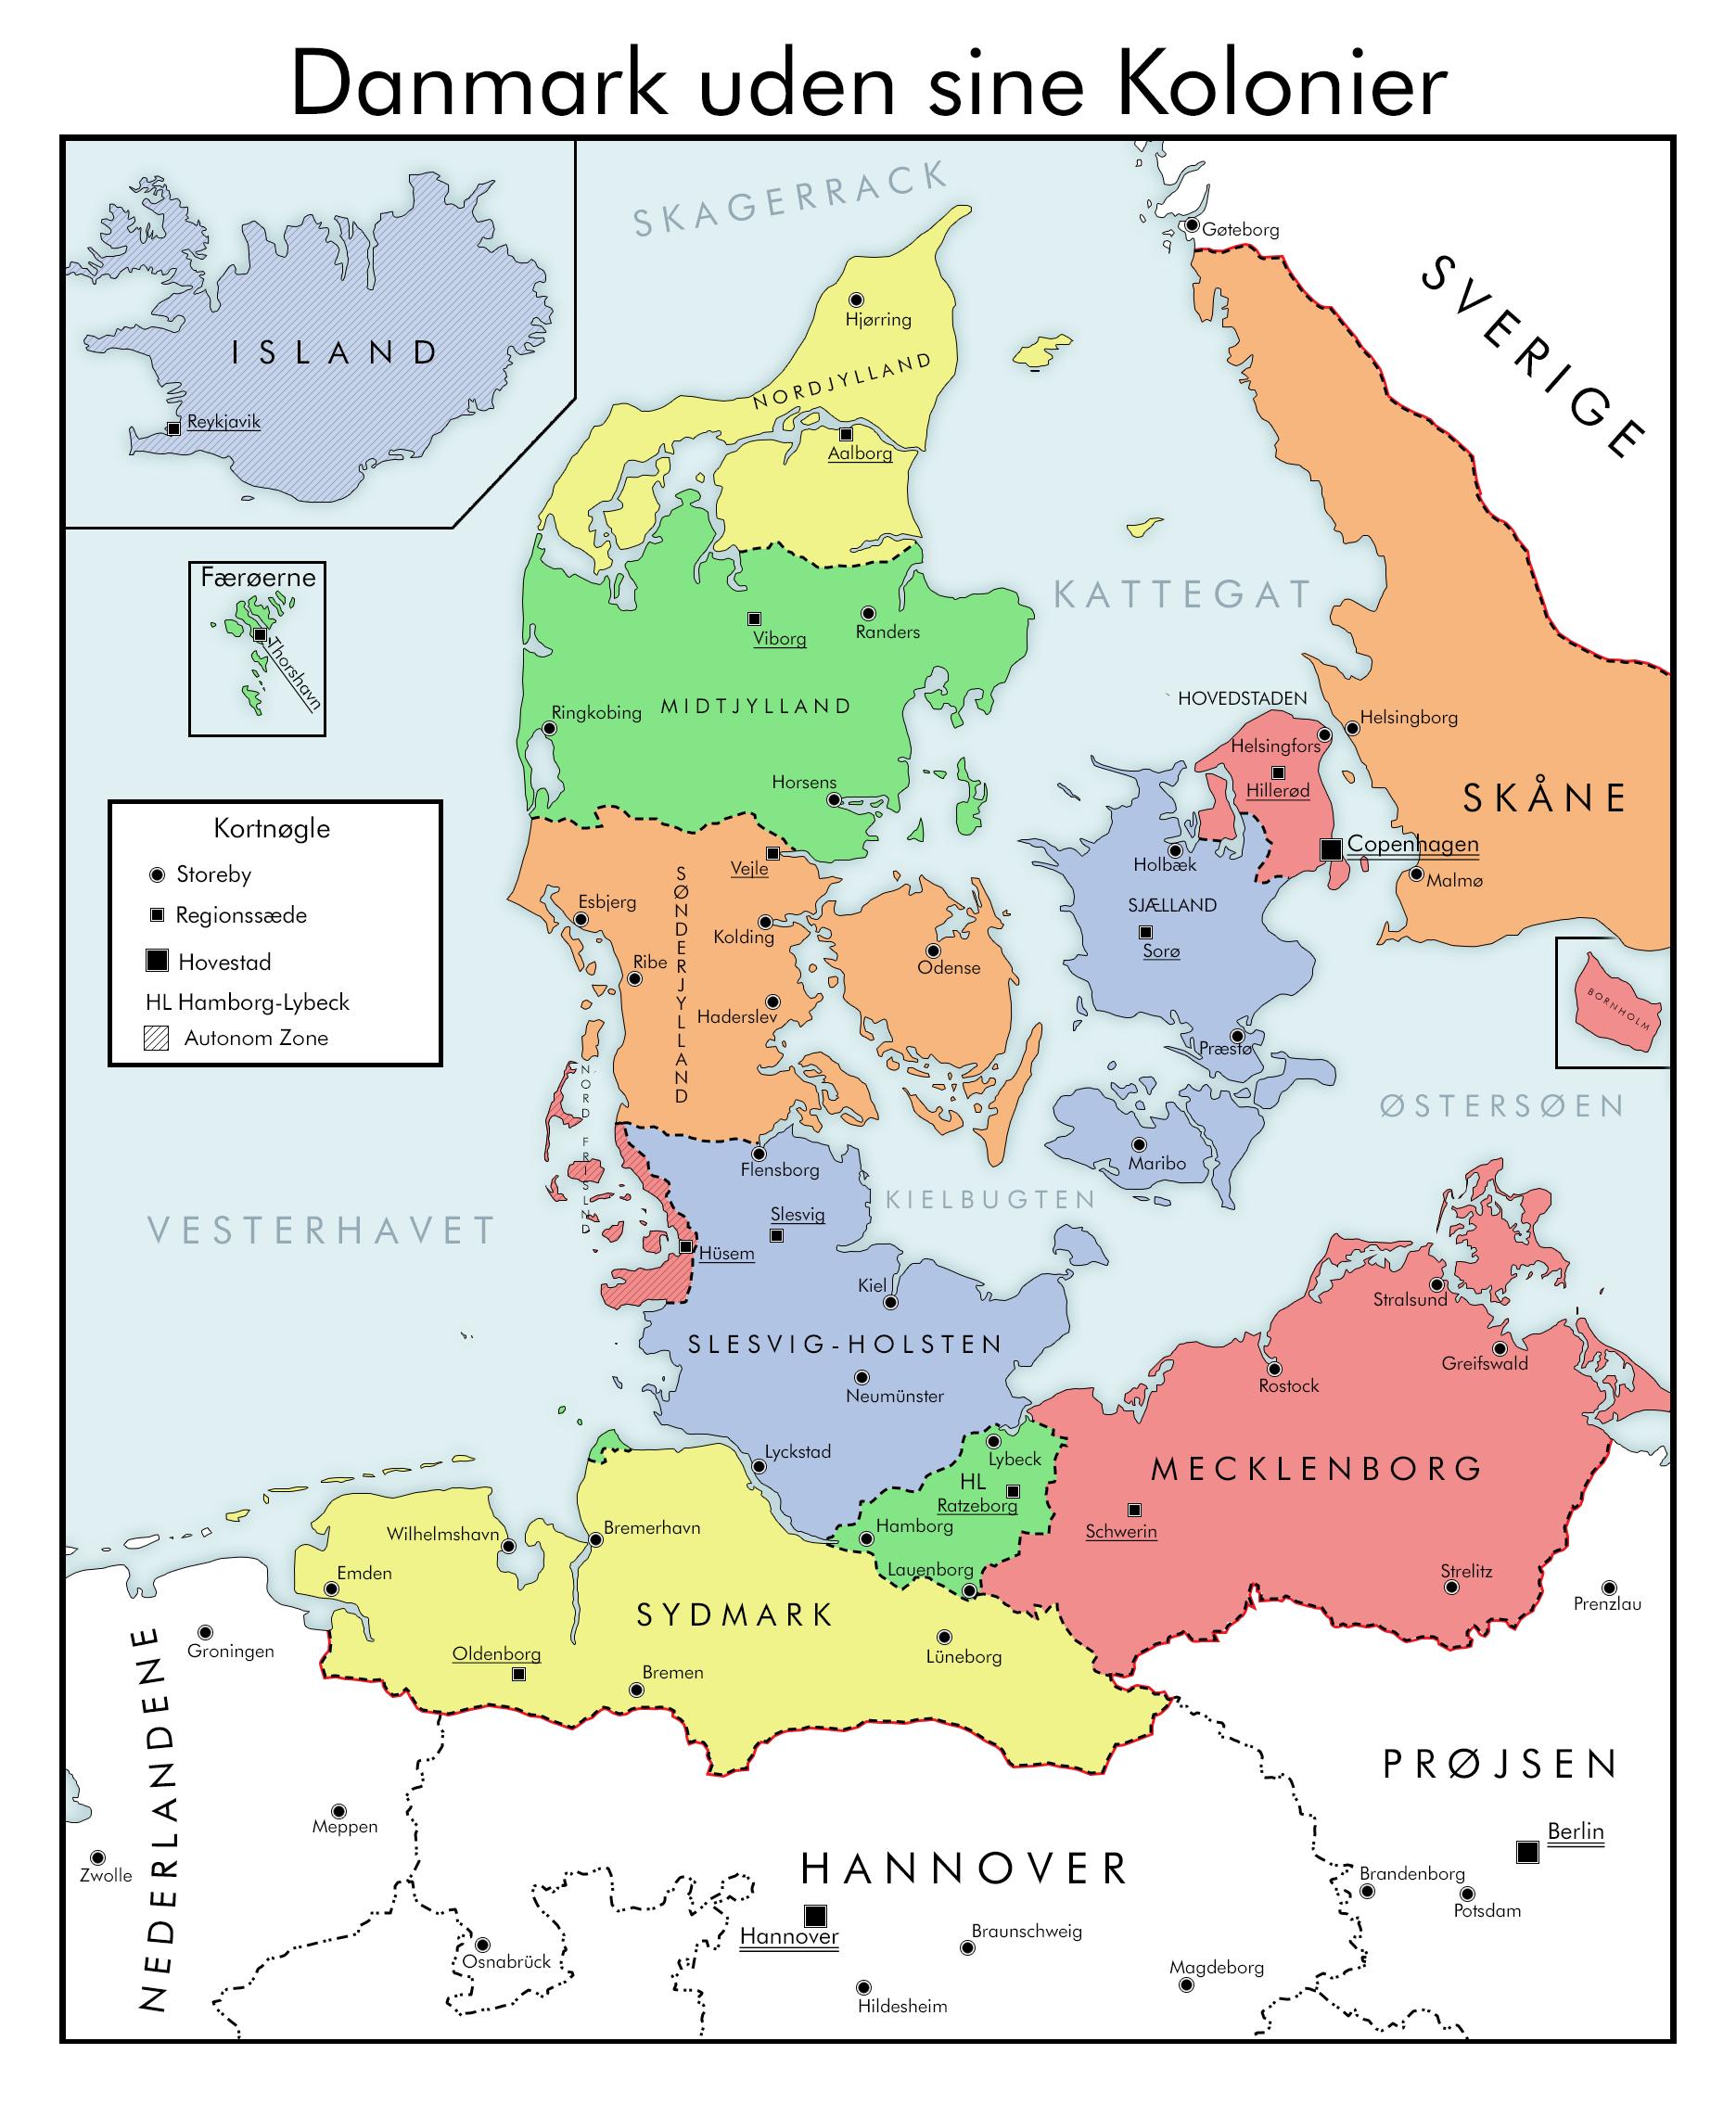 Greater Denmark By Wewlad11 On Deviantart In 2020 Denmark Map Denmark Historical Maps